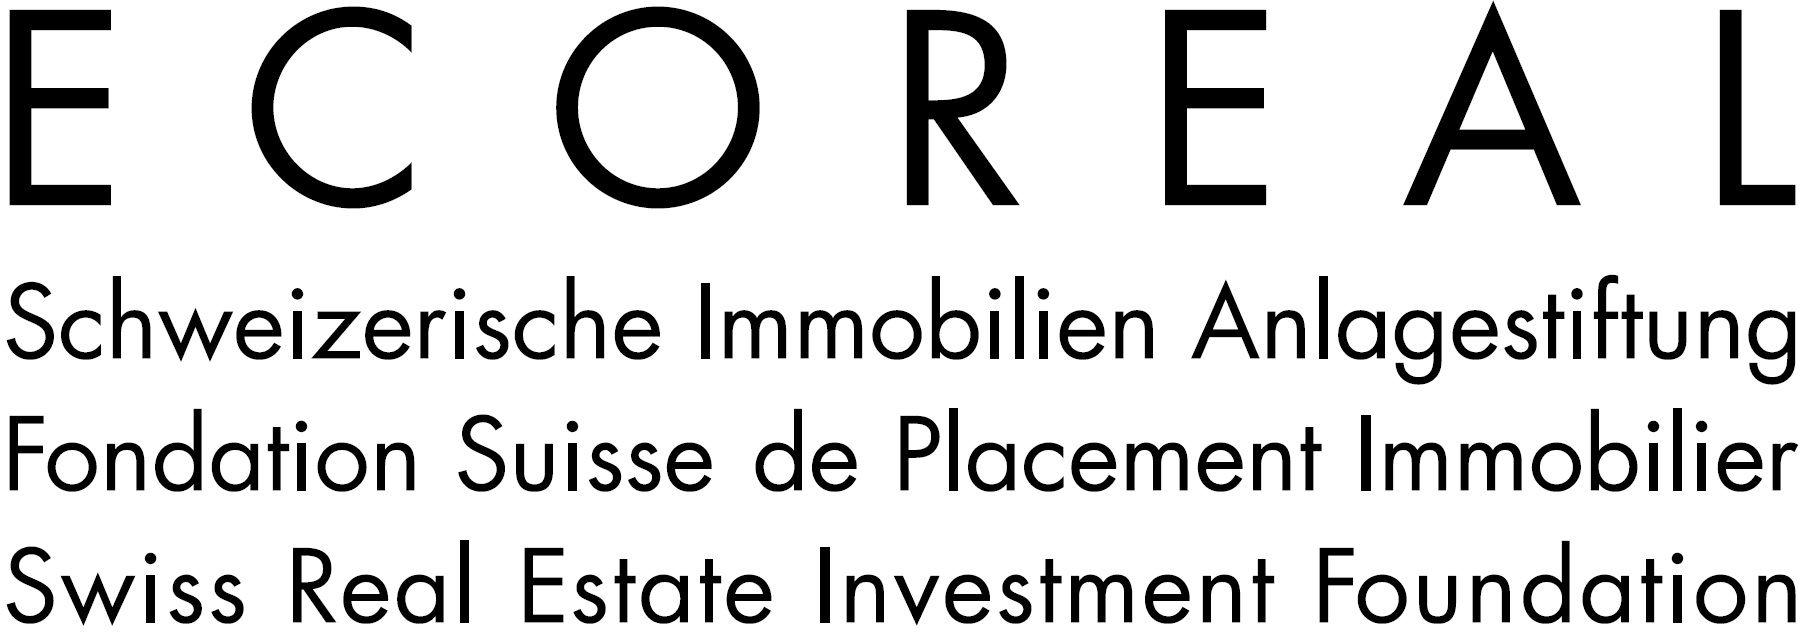 ECOREAL Schweizerische Immobilien Anlagestiftung Logo